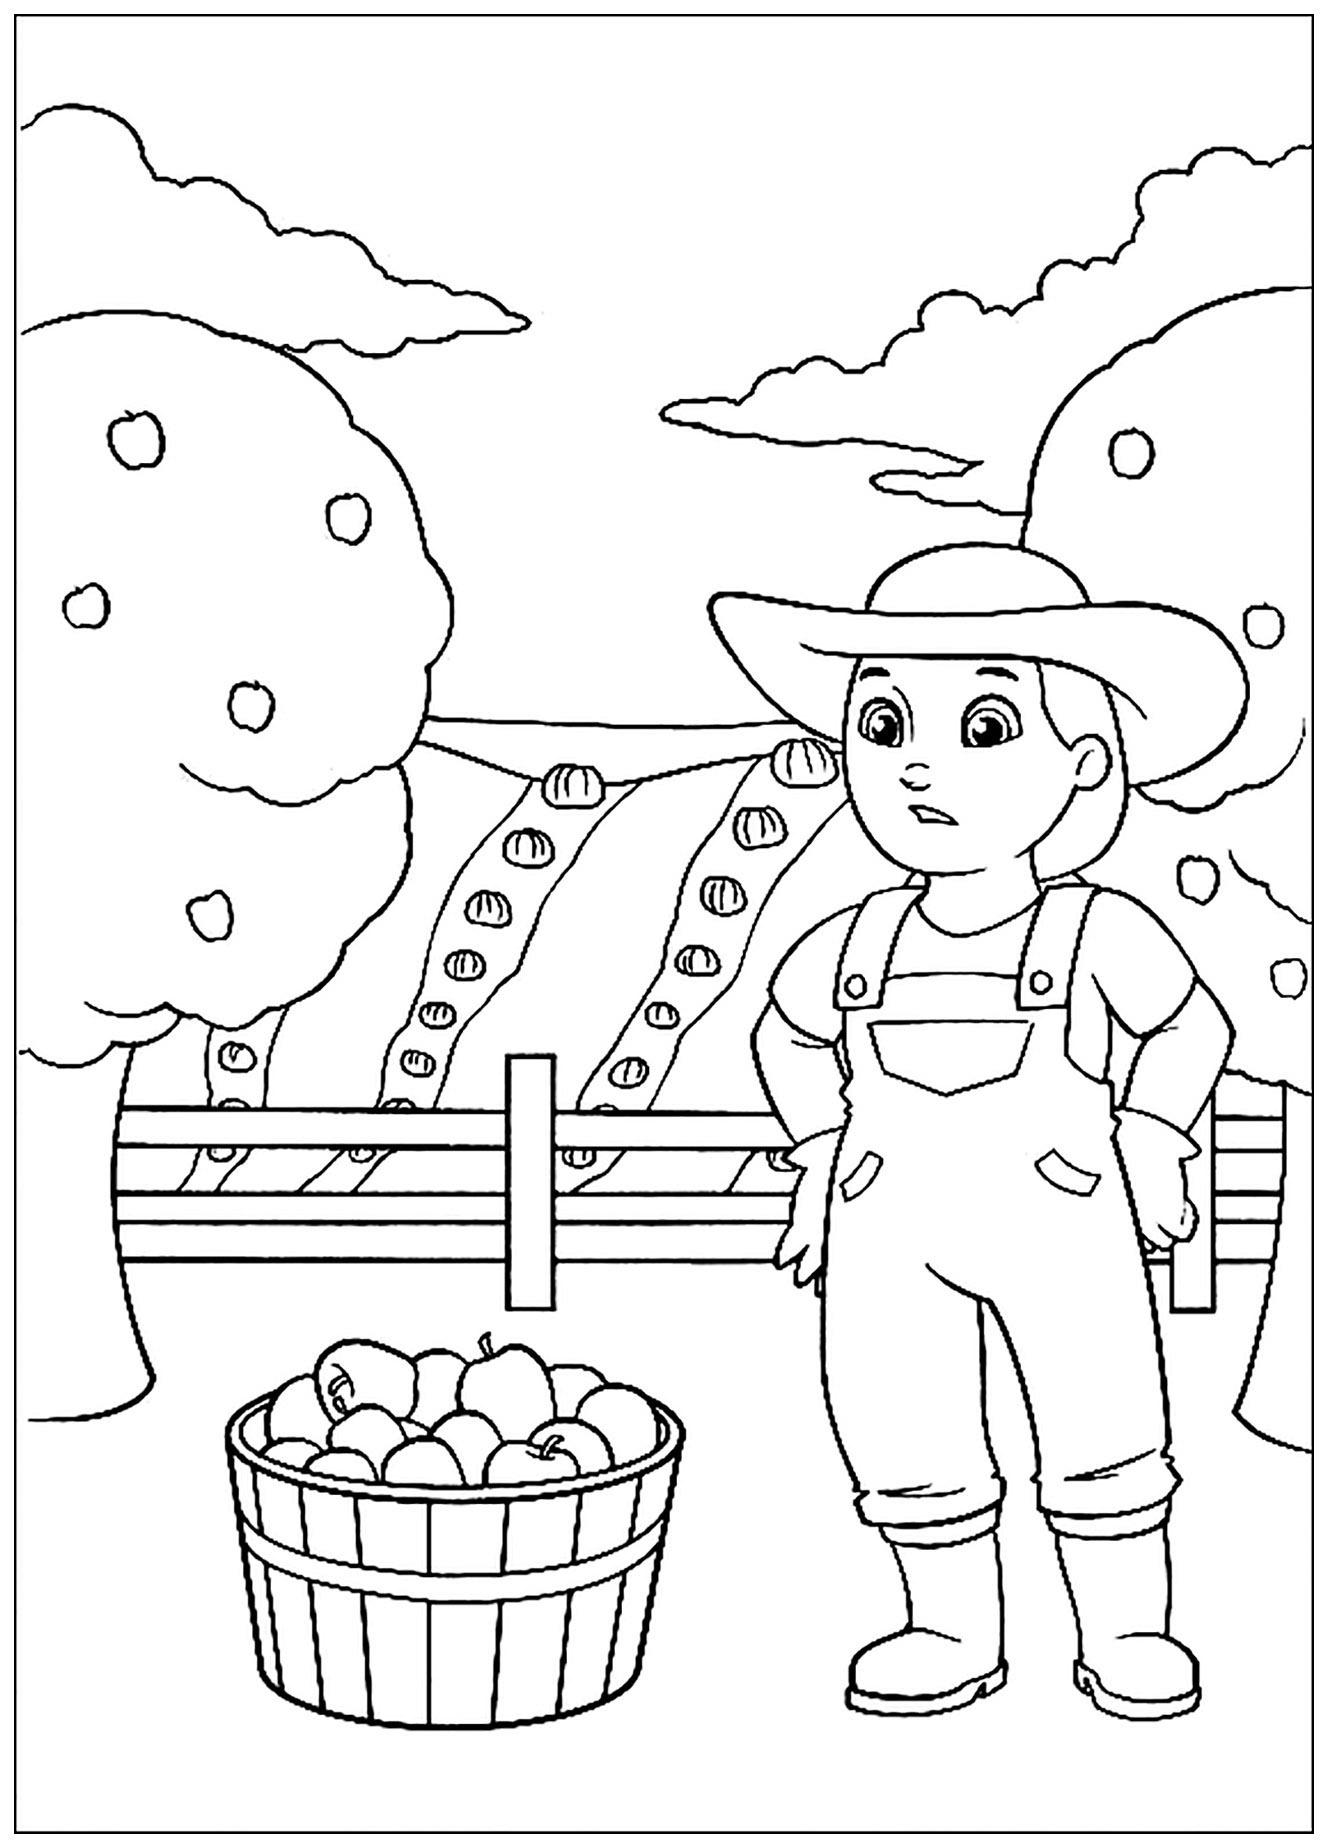 Pat patrouille le plein de pommes coloriage pat - Dessin pomme a colorier ...